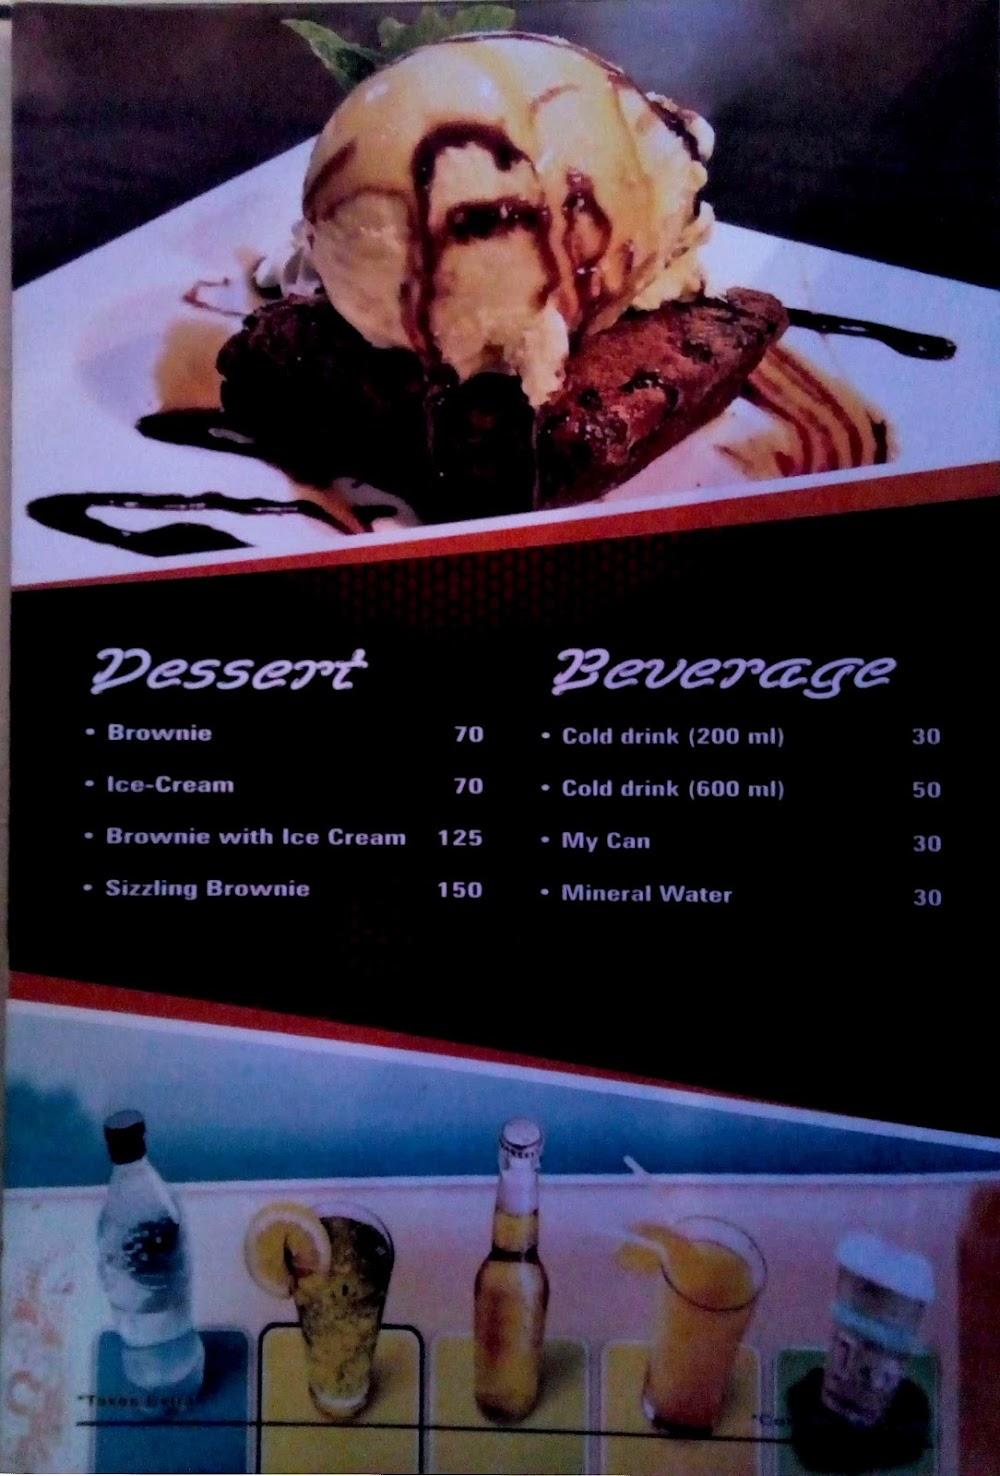 Pizza Burst Mira Road menu 16